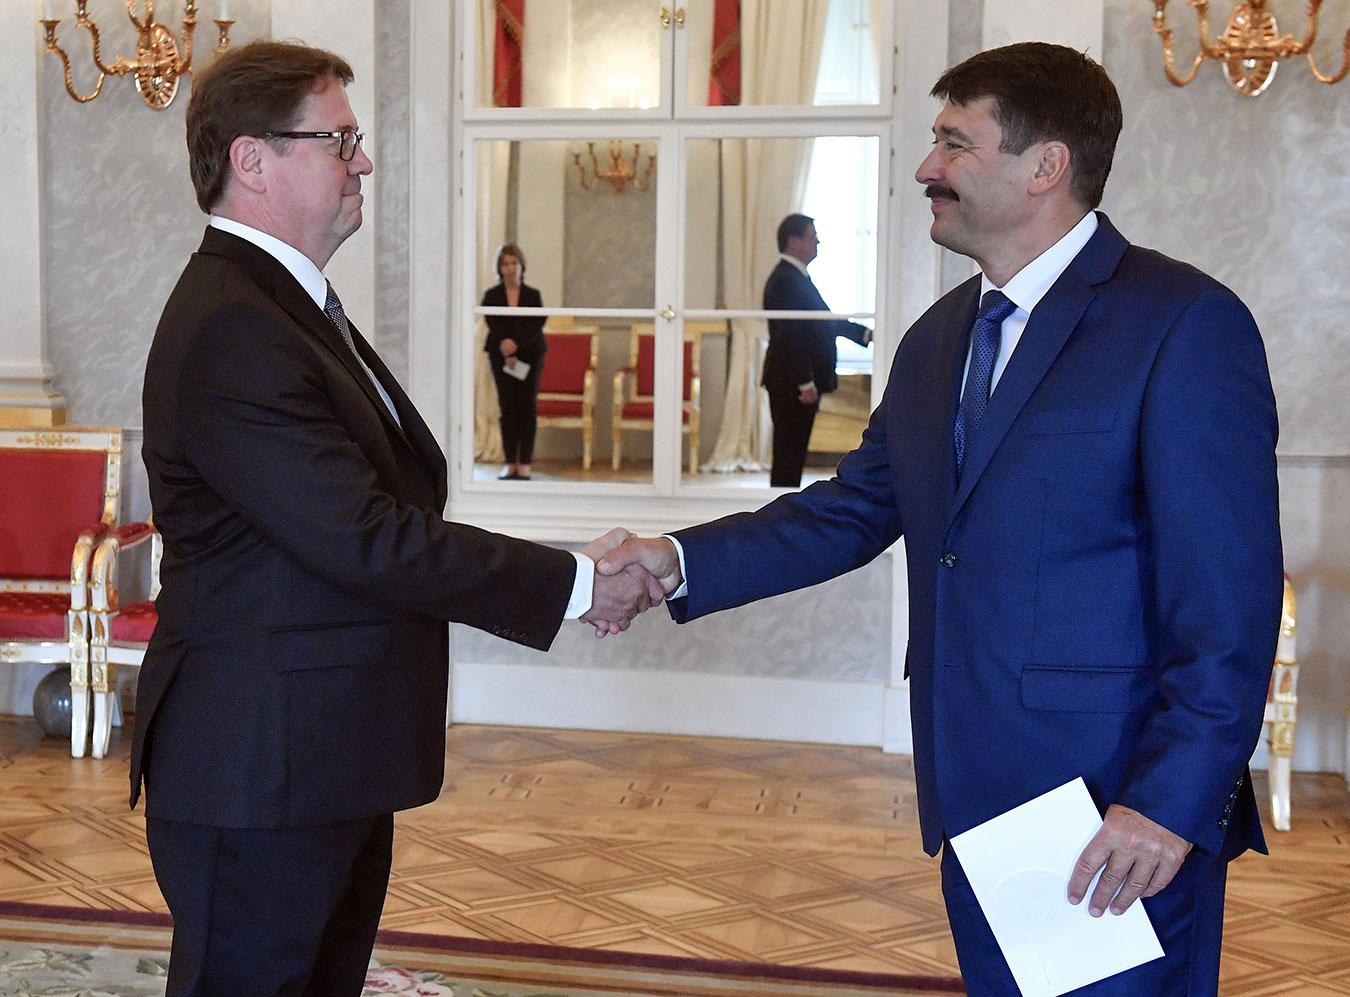 fin-markku-virri-presenting-credentials-president-ader-janos.jpg